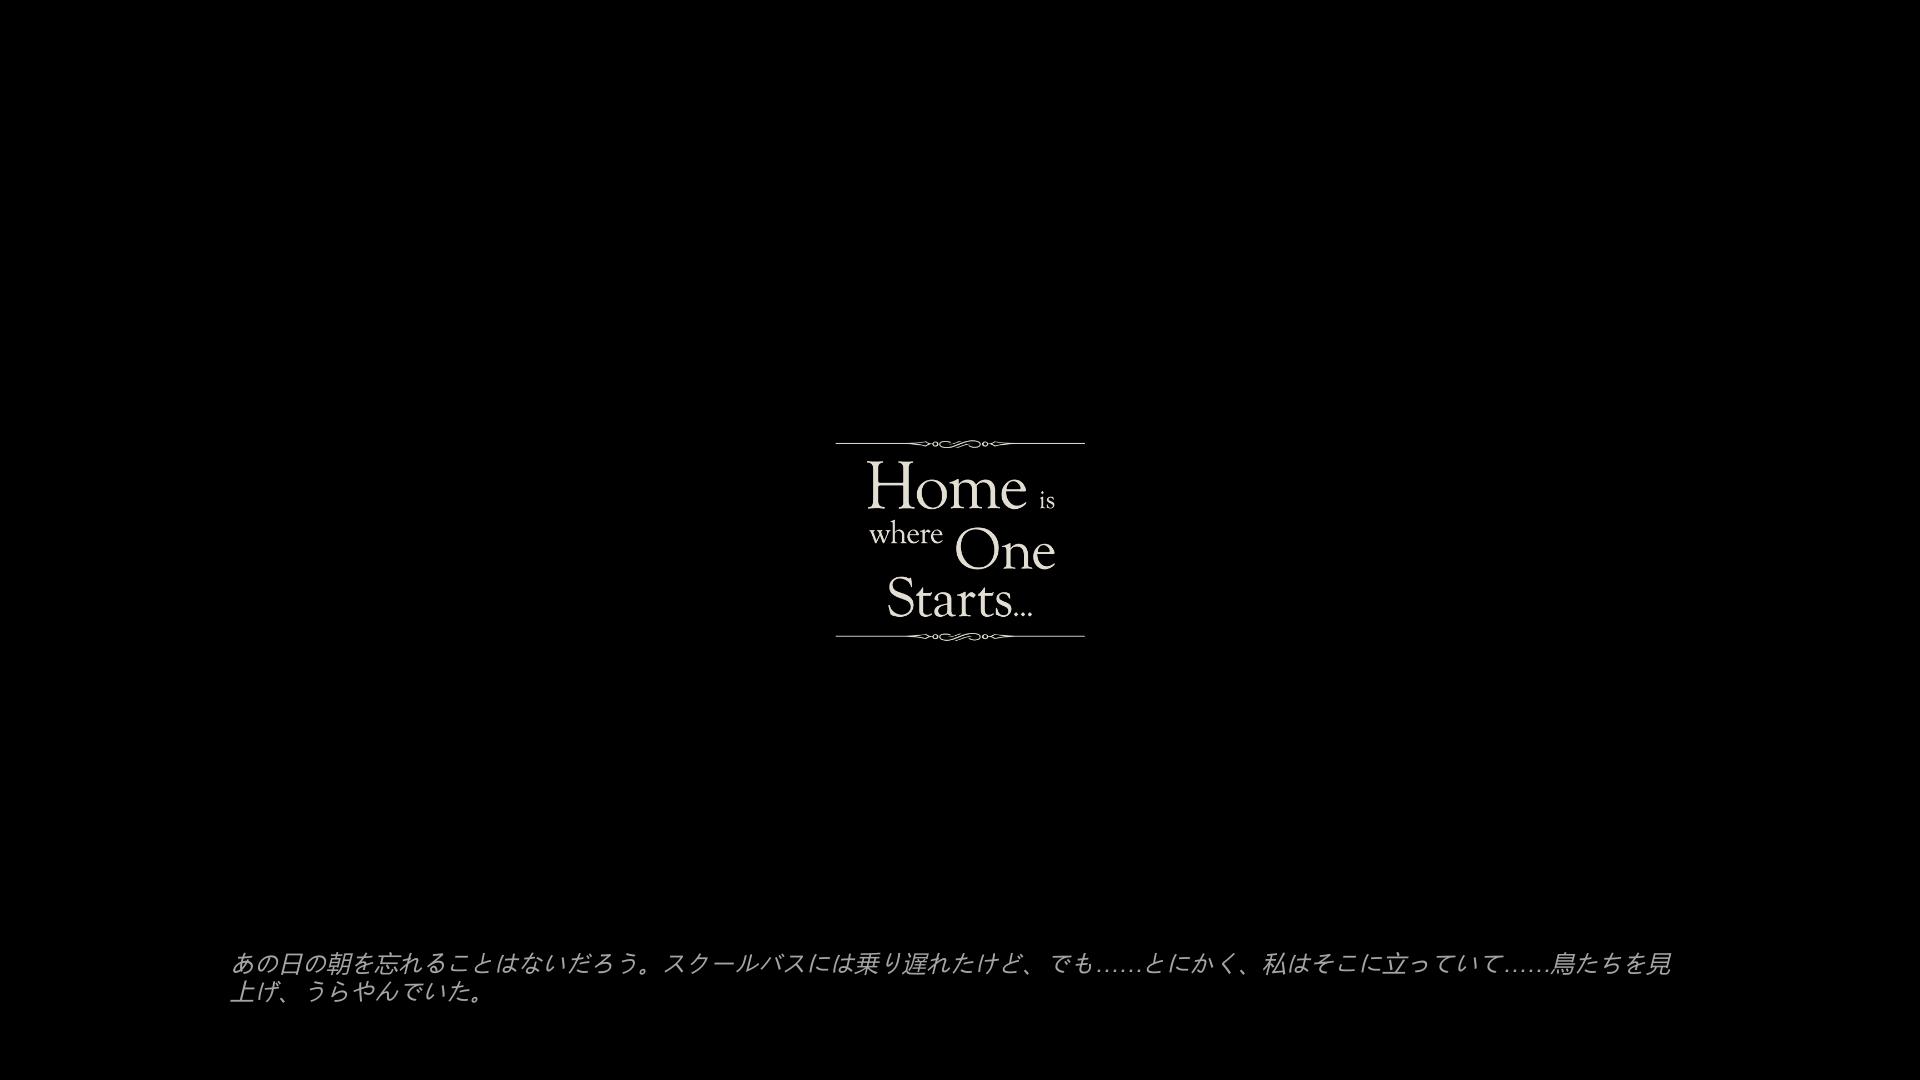 PC ゲーム Home is Where One Starts... 日本語化メモ、PC ゲーム Home is Where One Starts... 日本語化ファイル - モノローグ字幕表示方法、日本語化ファイル HomeSubtitles.xml モノローグ字幕追加後のスクリーンショット